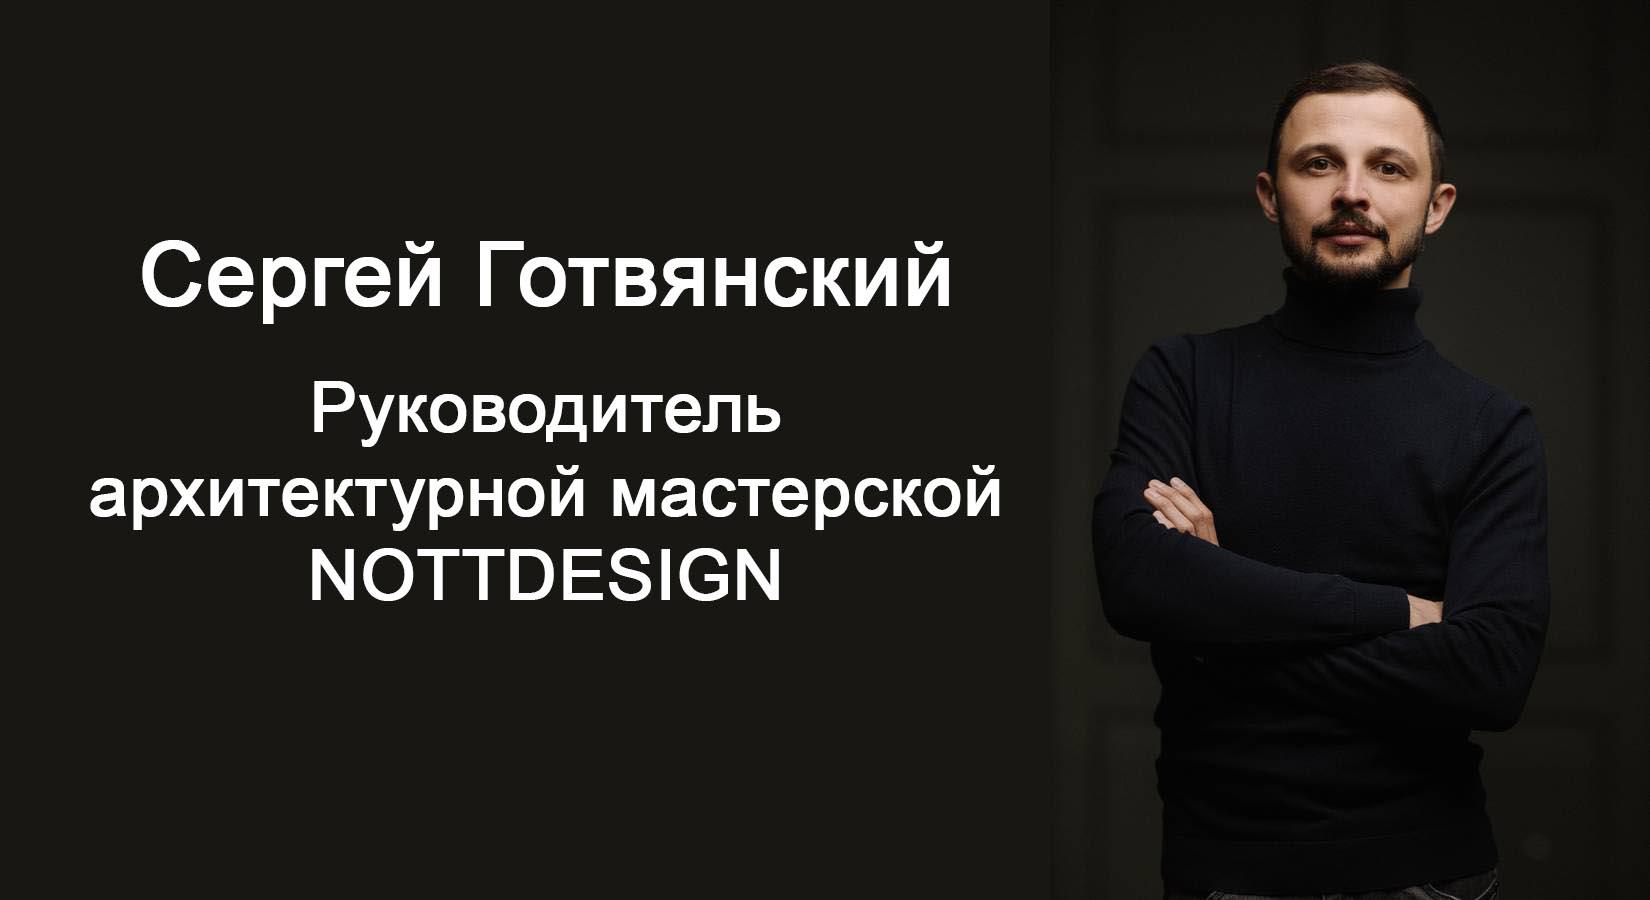 Інтерв'ю Сергія Готвянского (архітектурна майстерня NOTTDESIGN) бренду DAVIS CASA. Частина 1